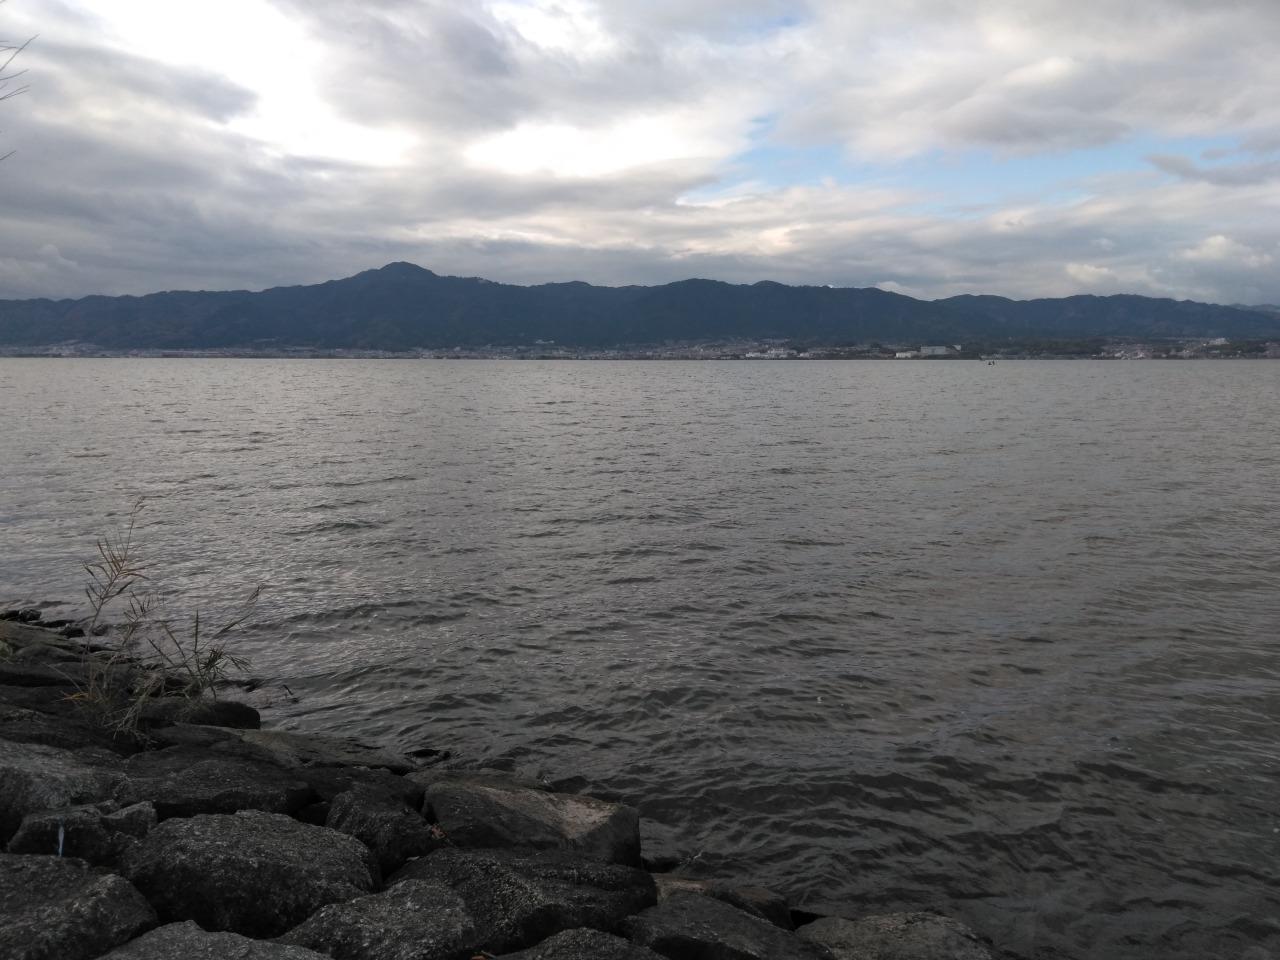 20181210 琵琶湖の志那エリア